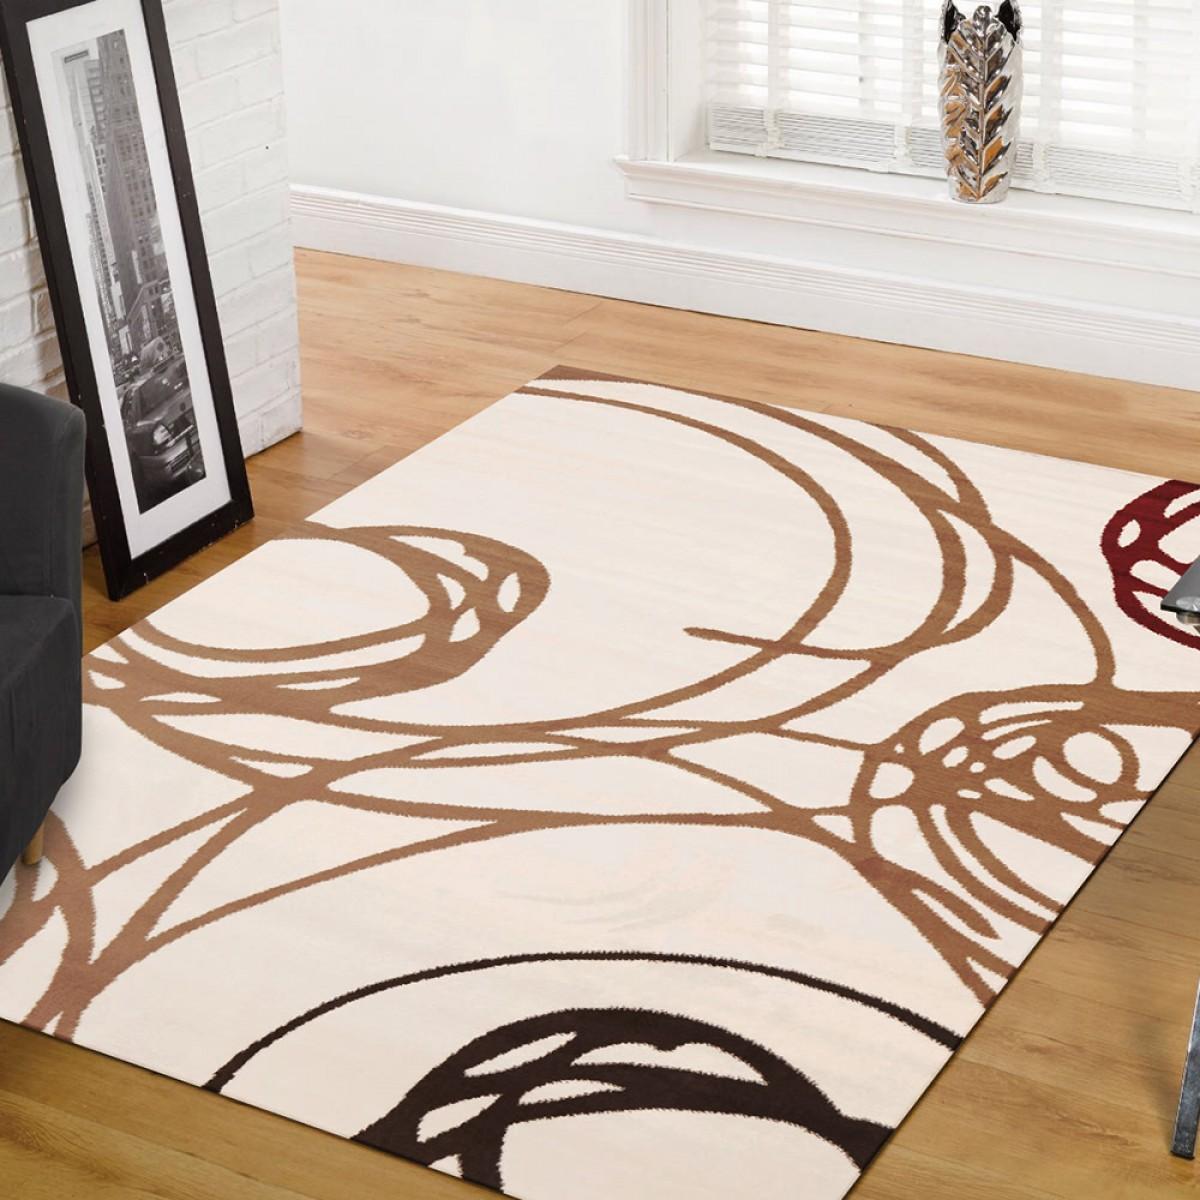 15 alfombras modernas dise os exclusivos for Alfombras redondas modernas